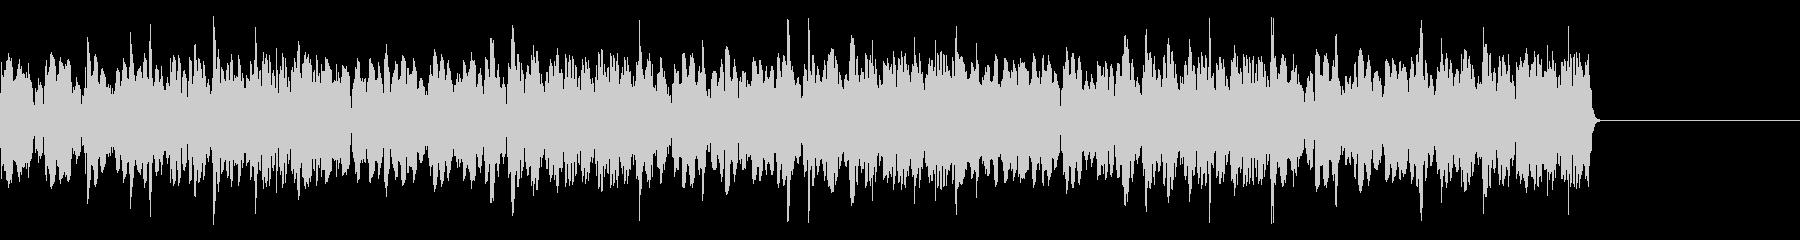 ゲームセンターのクレーンゲームの音 5回の未再生の波形